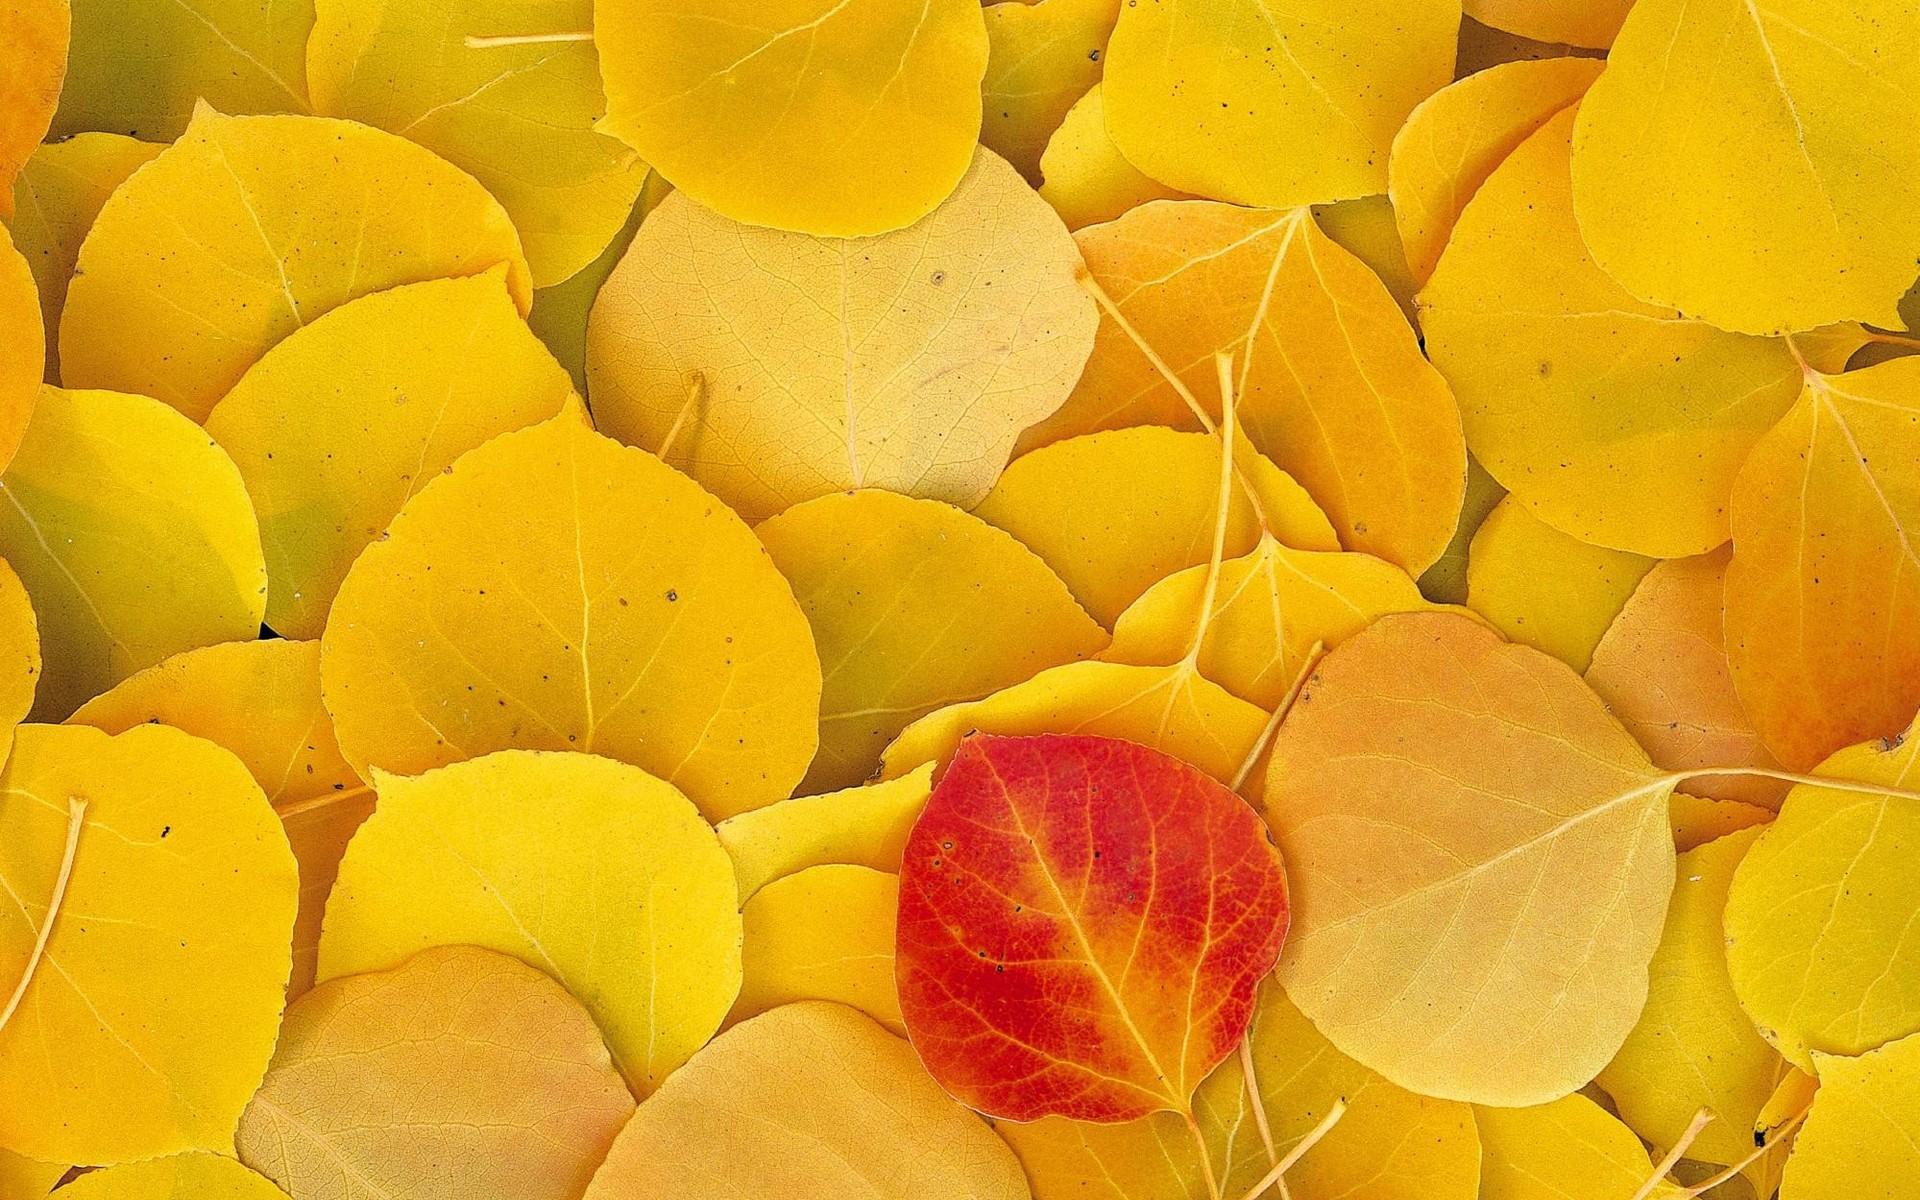 Обои на рабочий стол в желтом цвете